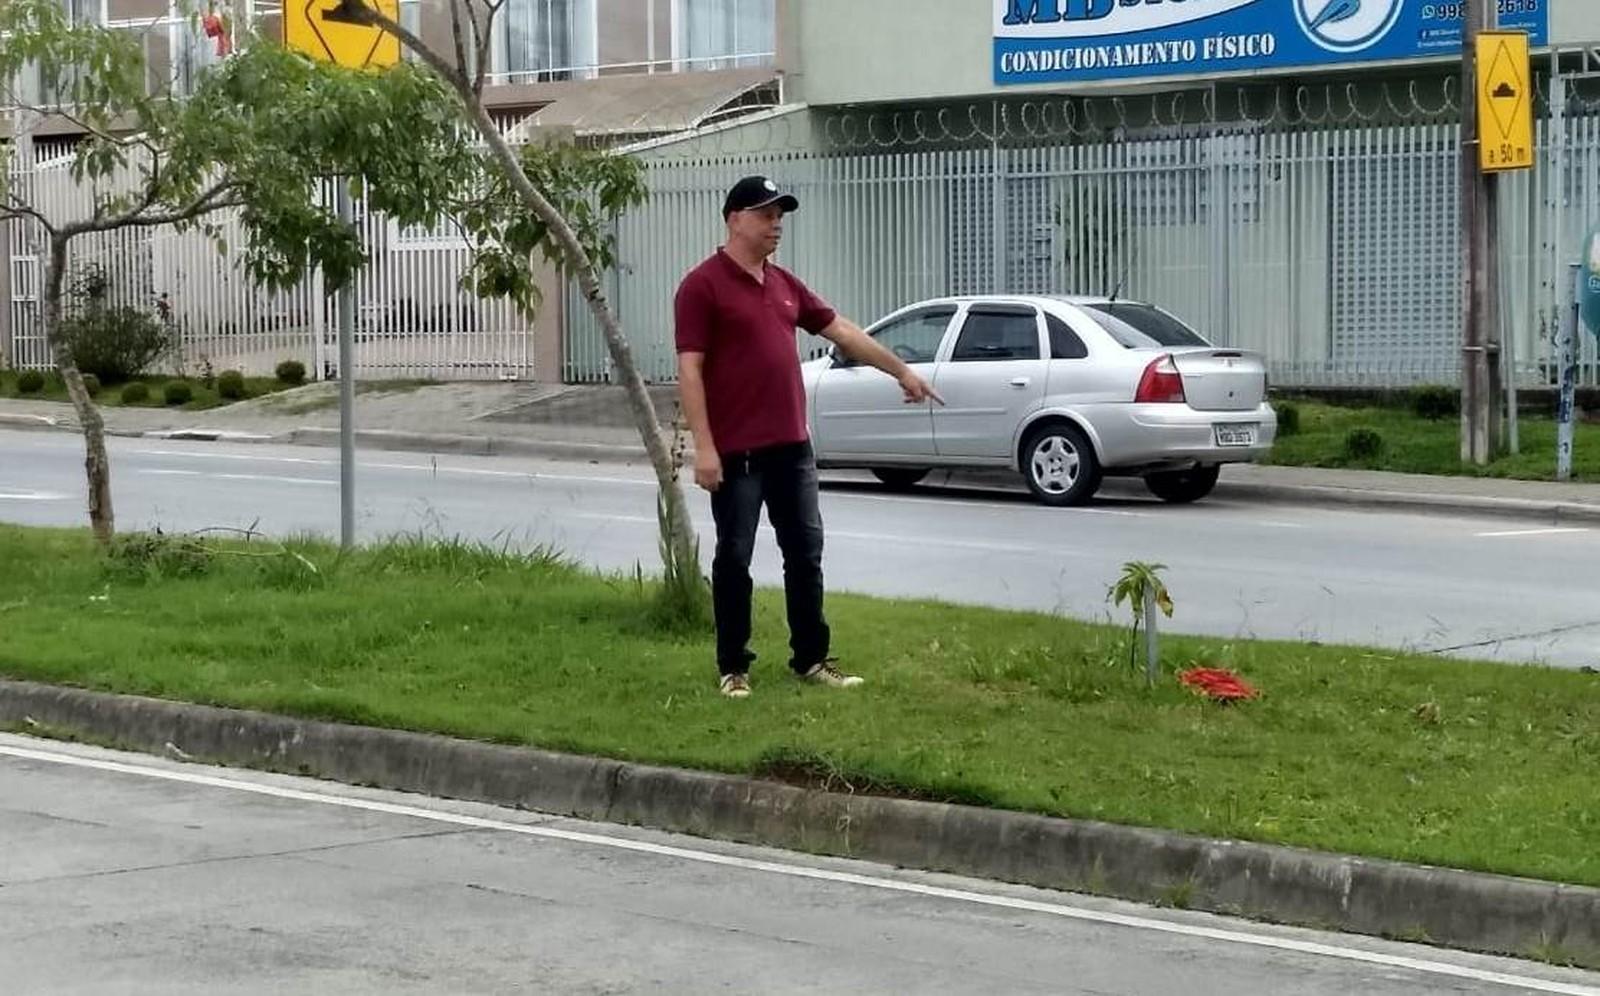 'Se ele quiser morrer o problema é dele', diz atendente do Samu de Curitiba em ligação